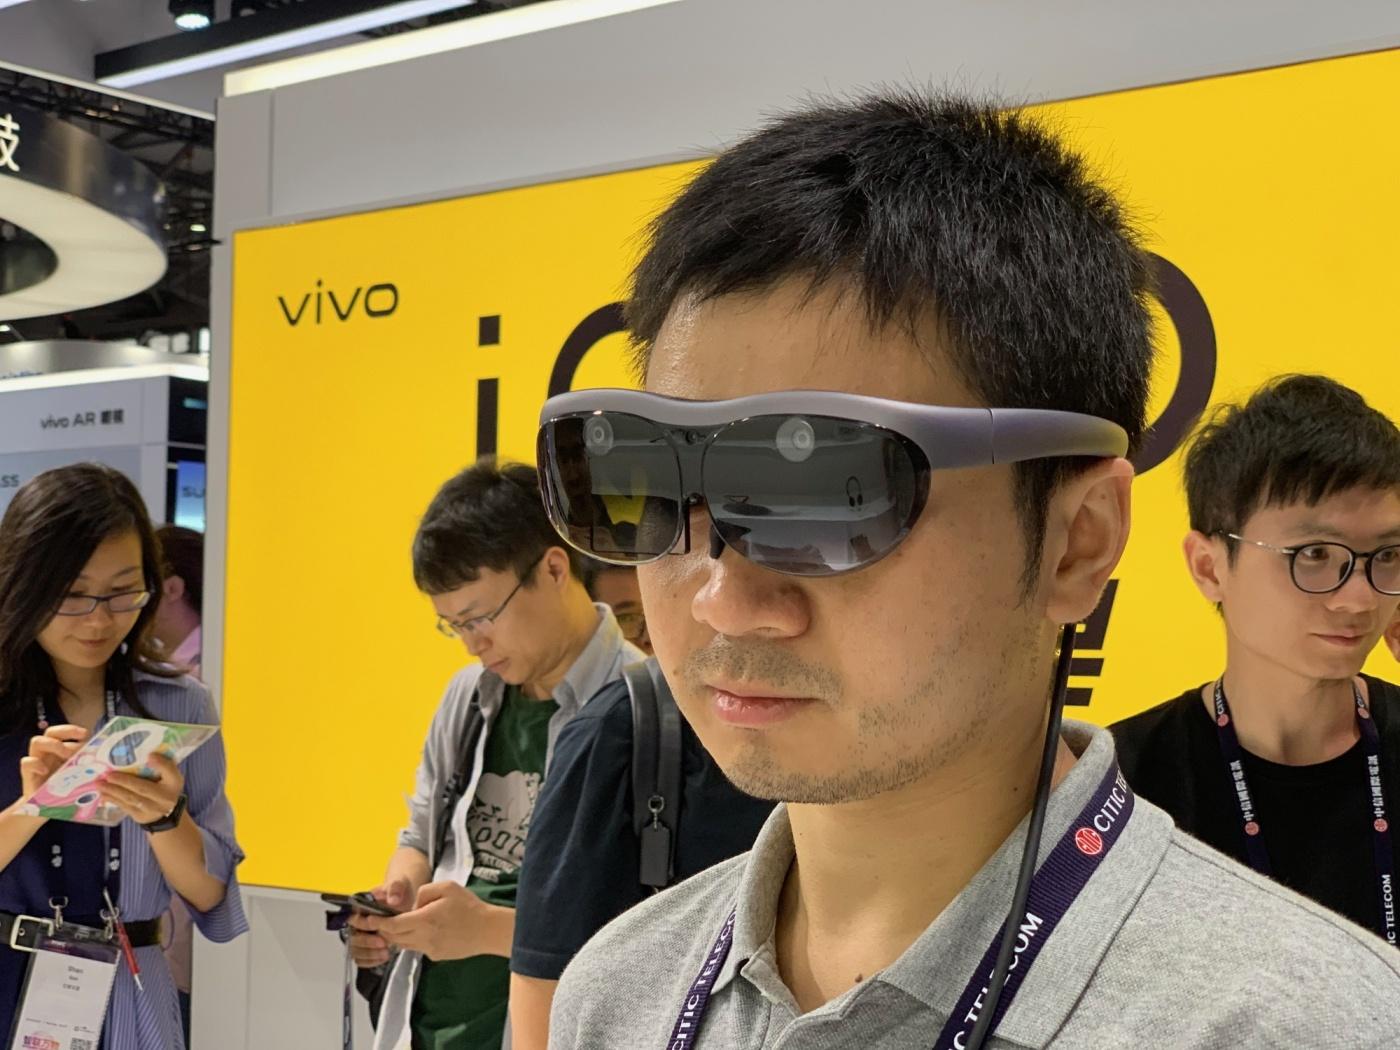 未來即現在!上海MWC直擊vivo、nreal AR眼鏡,讓你一眼看透個人資料